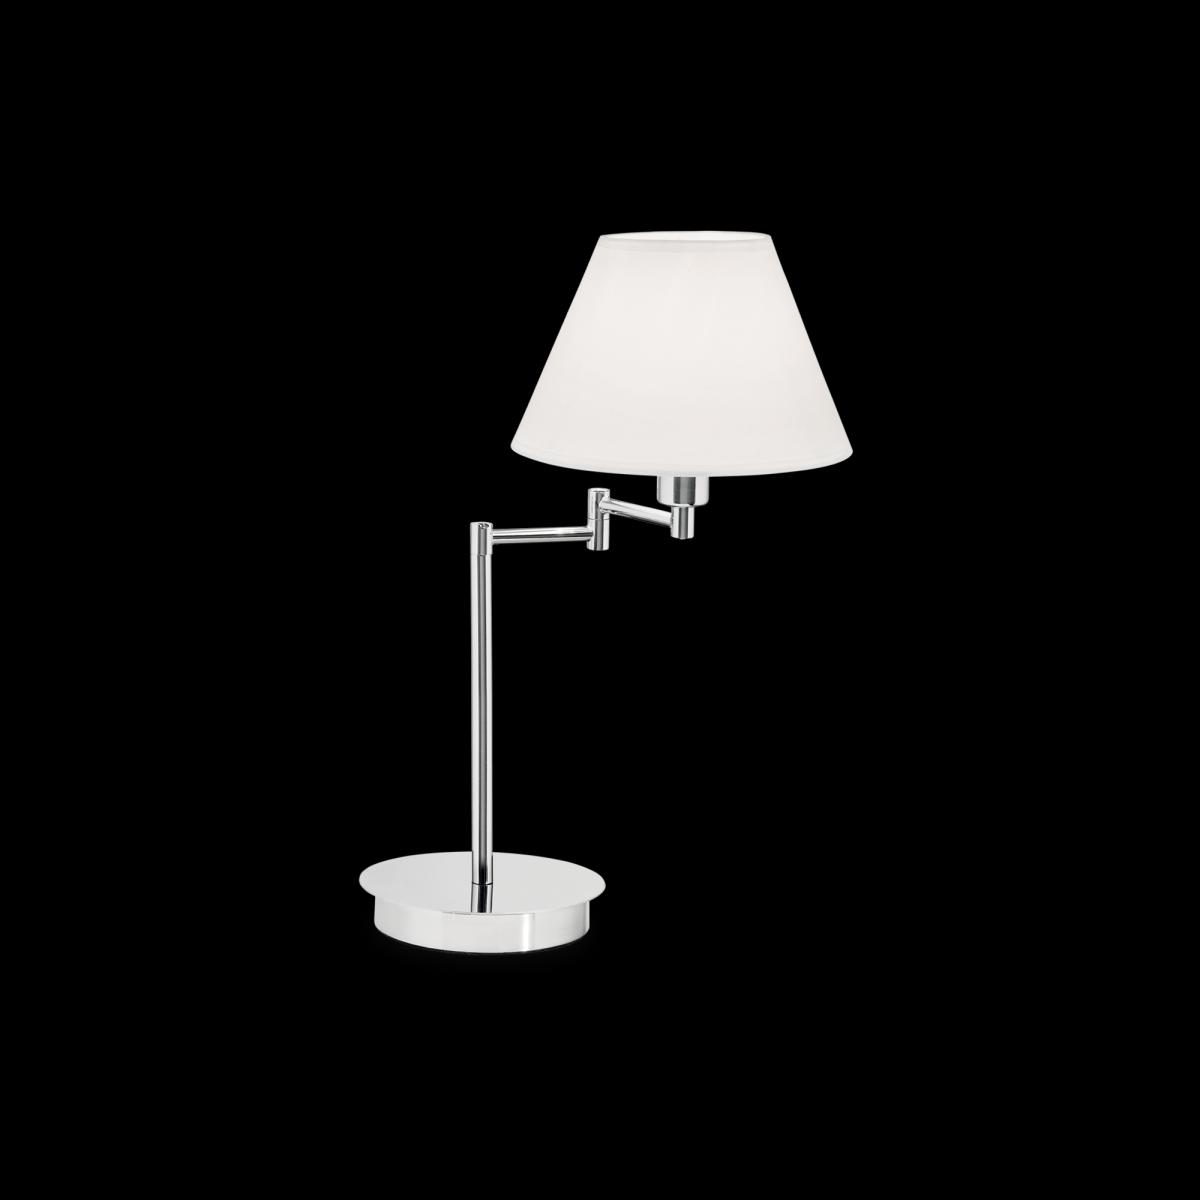 stolní lampa Ideal Lux Beverly TL1 126760 1x40W E14 - moderní doplňkové osvětlení